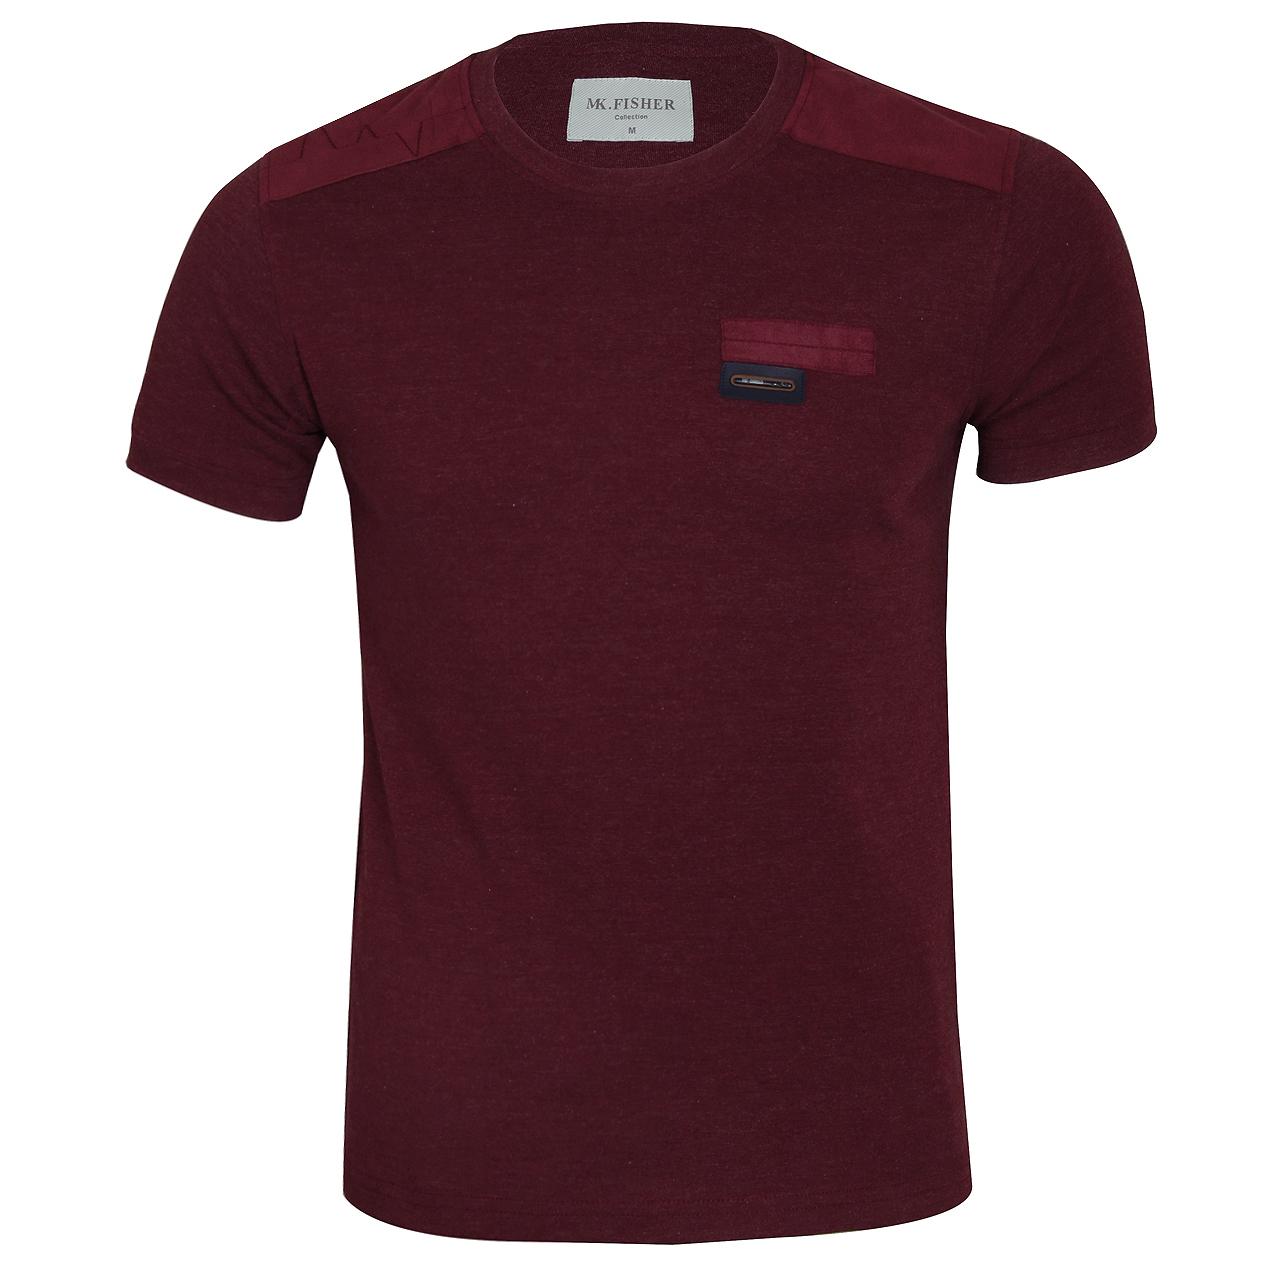 تی شرت مردانه فیشر کد 342146618